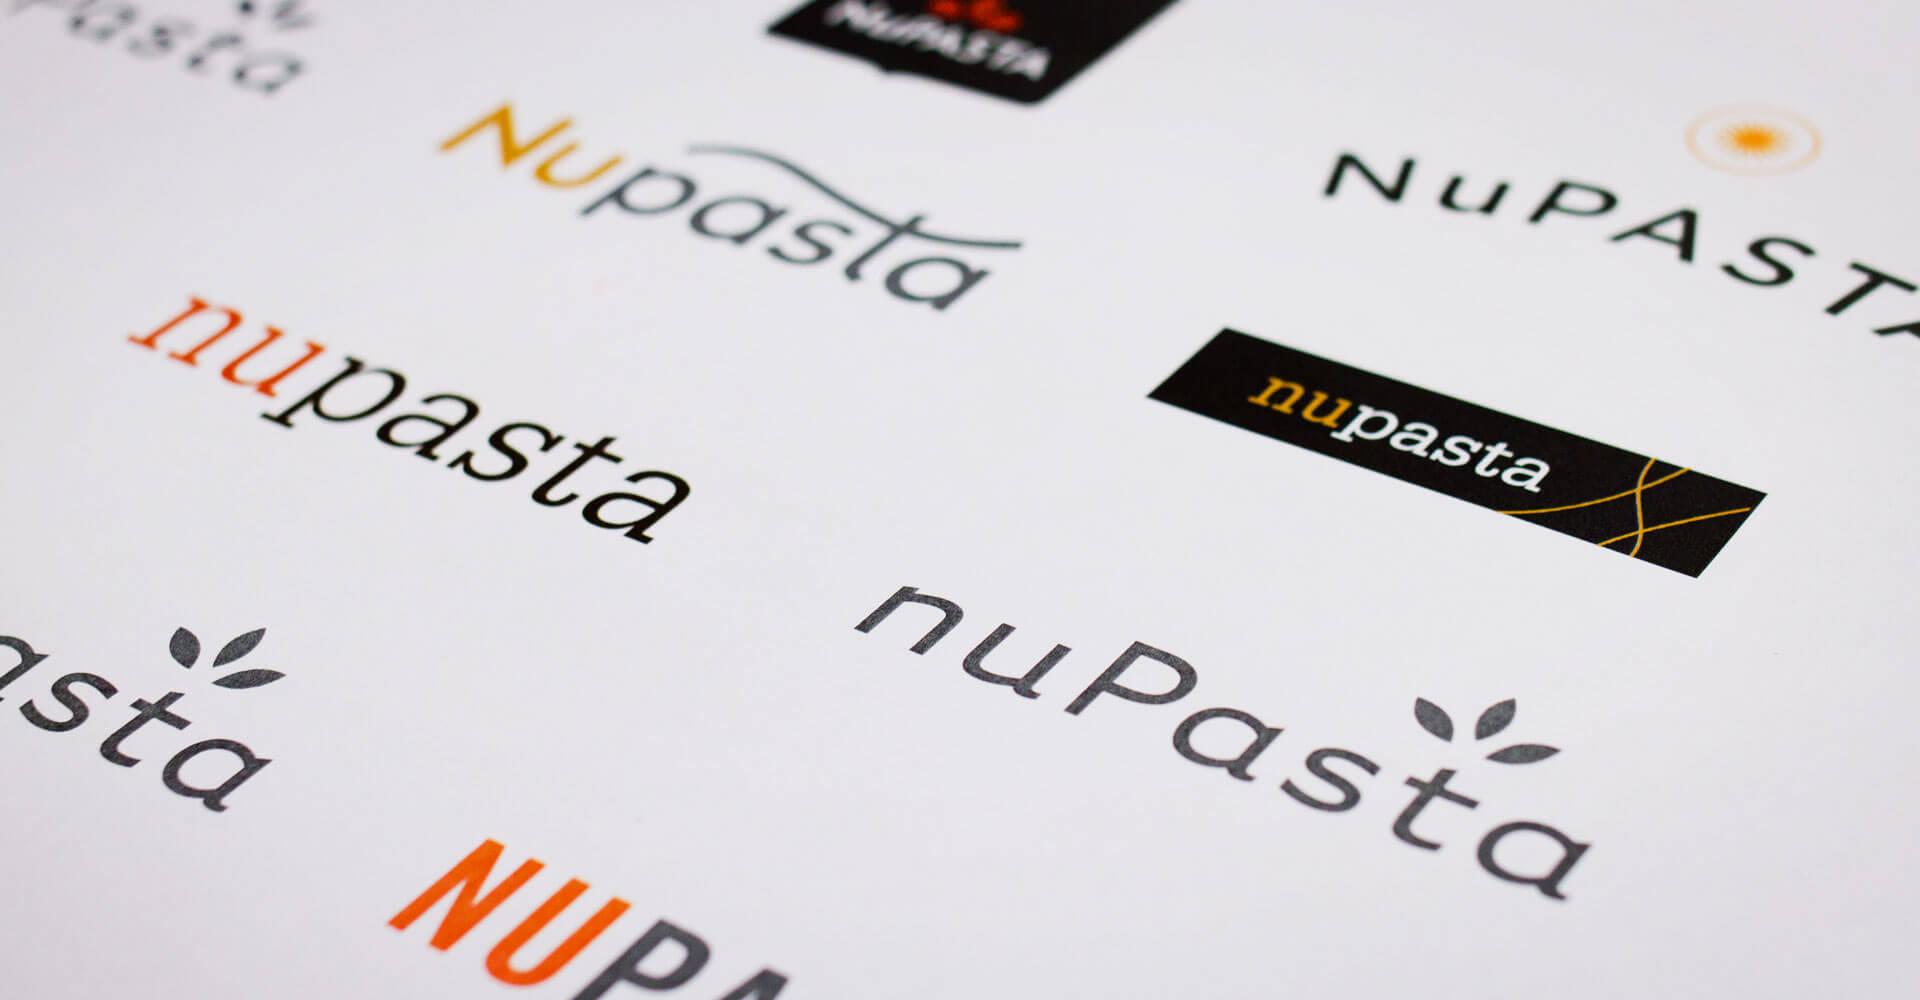 NuPasta